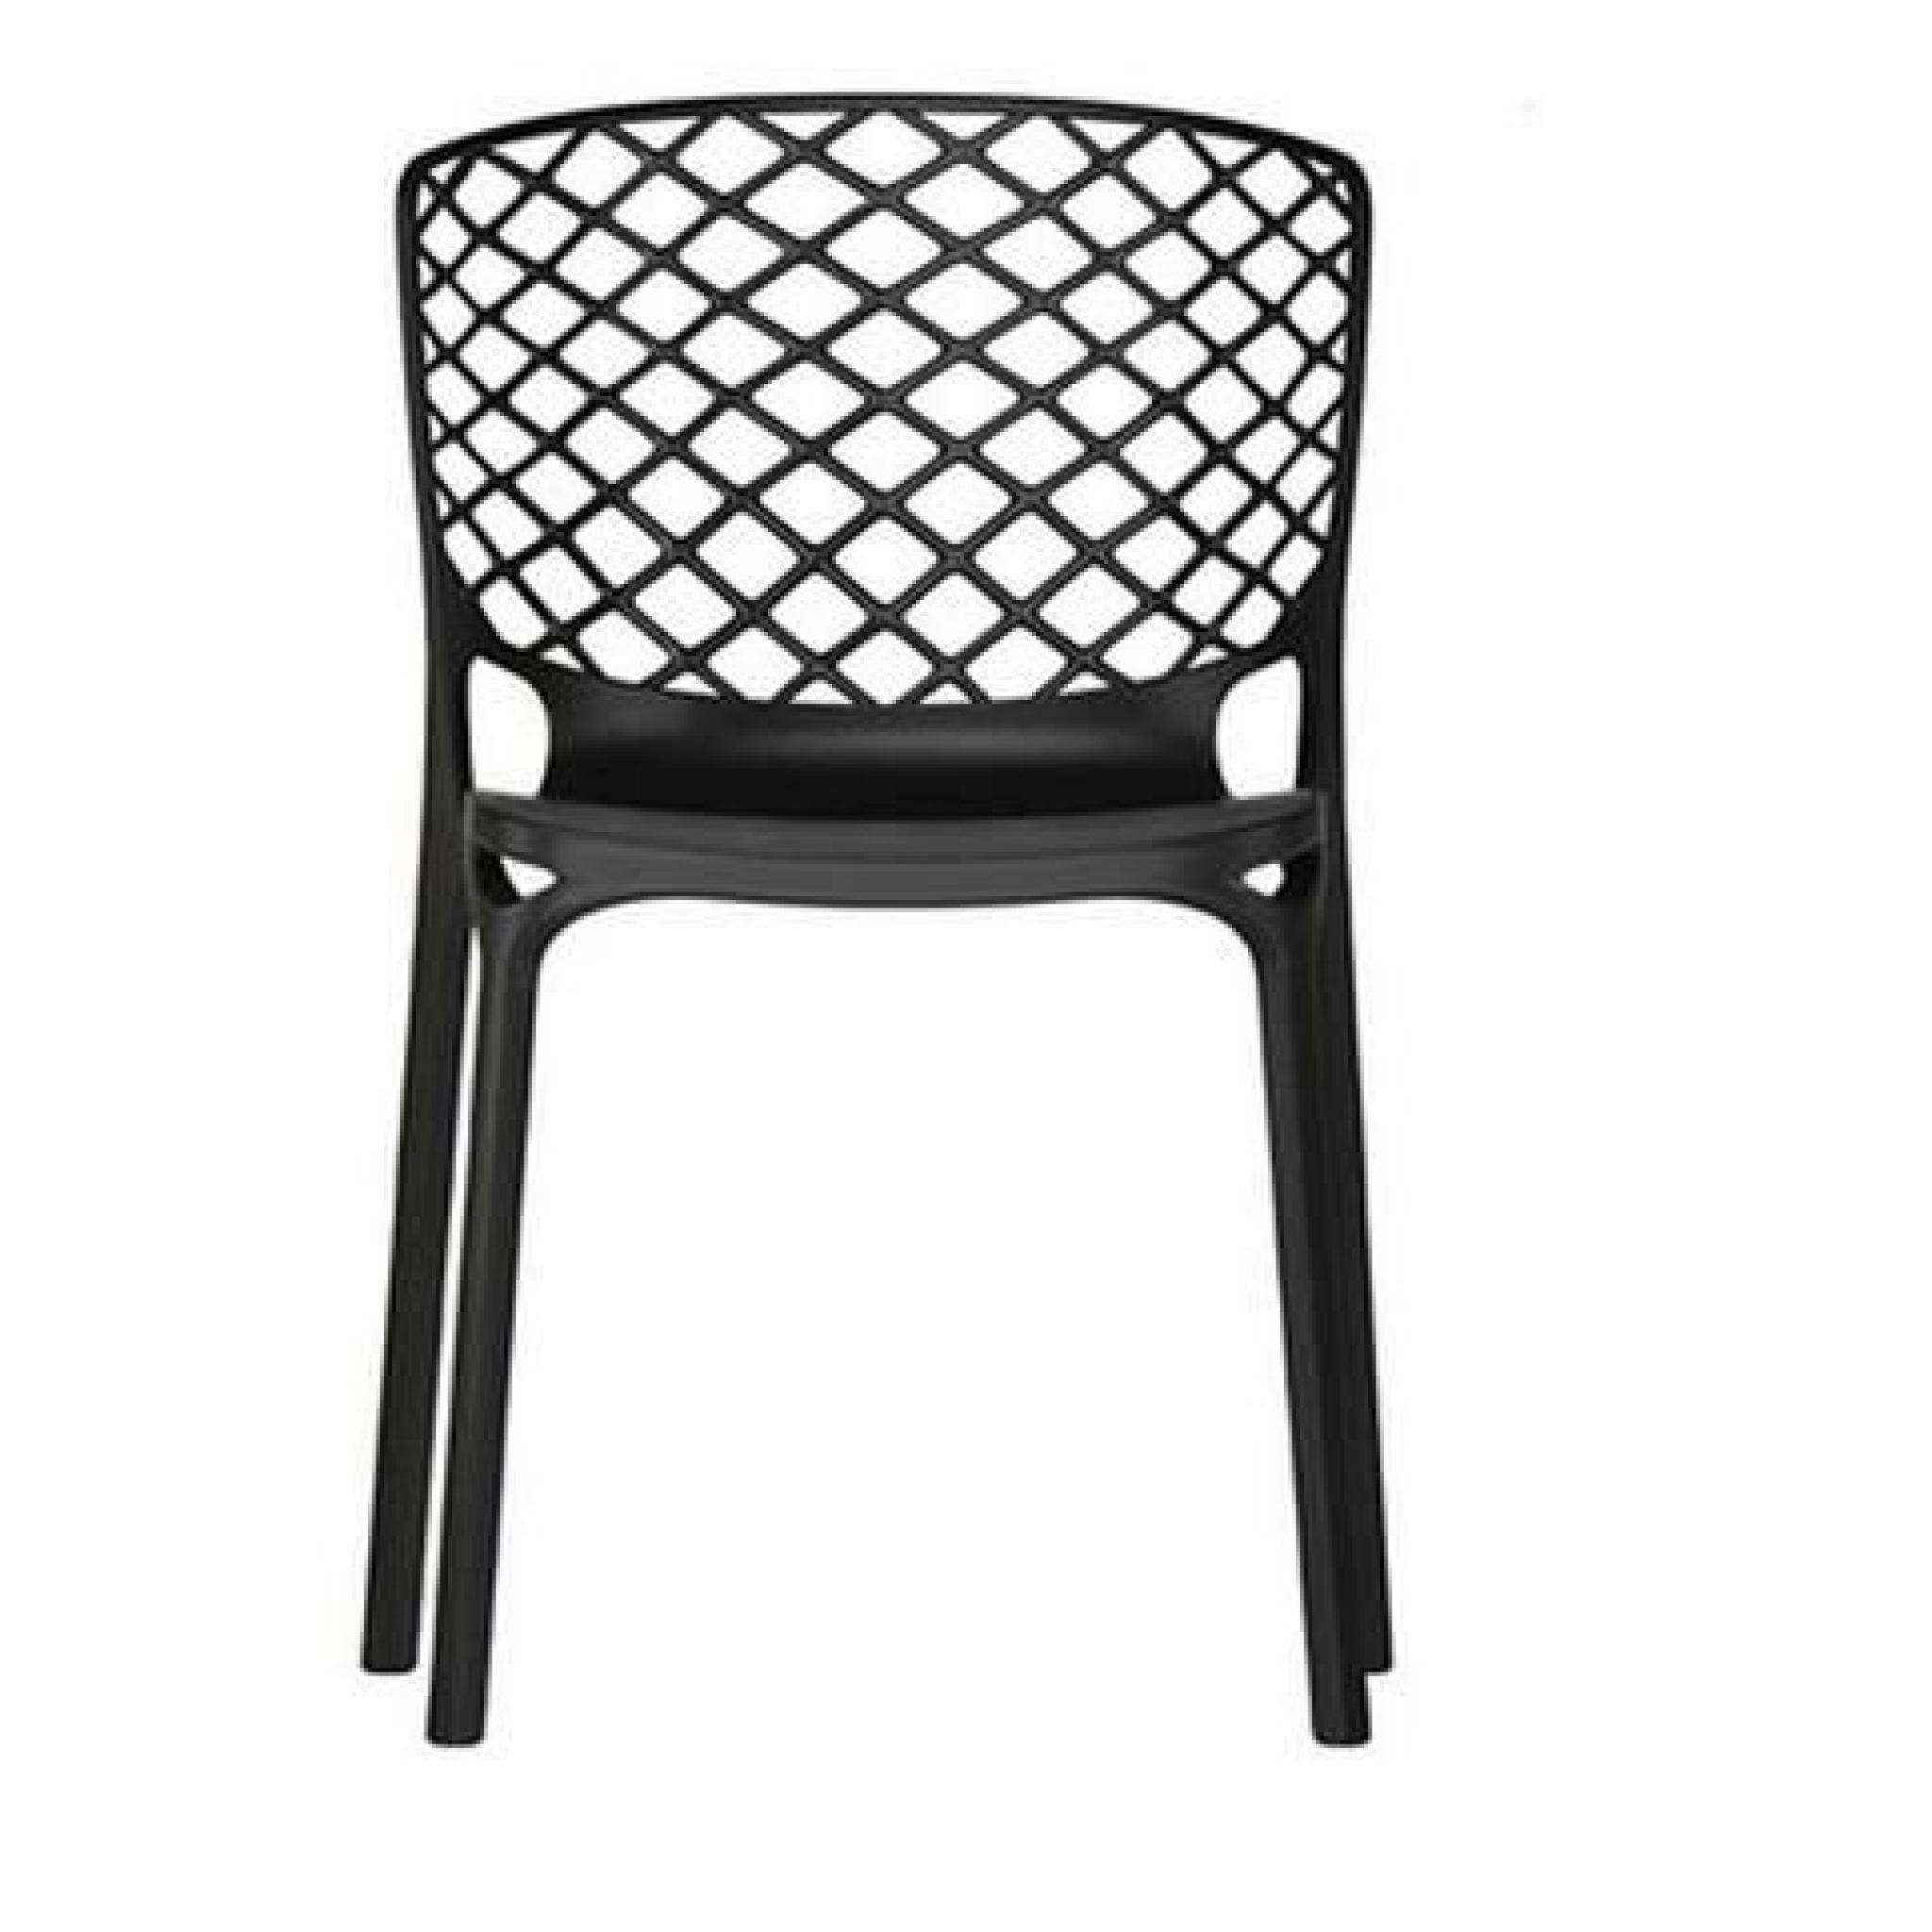 Chaise empilable gamera de calligaris noire achat vente for Chaise salle a manger noir pas cher